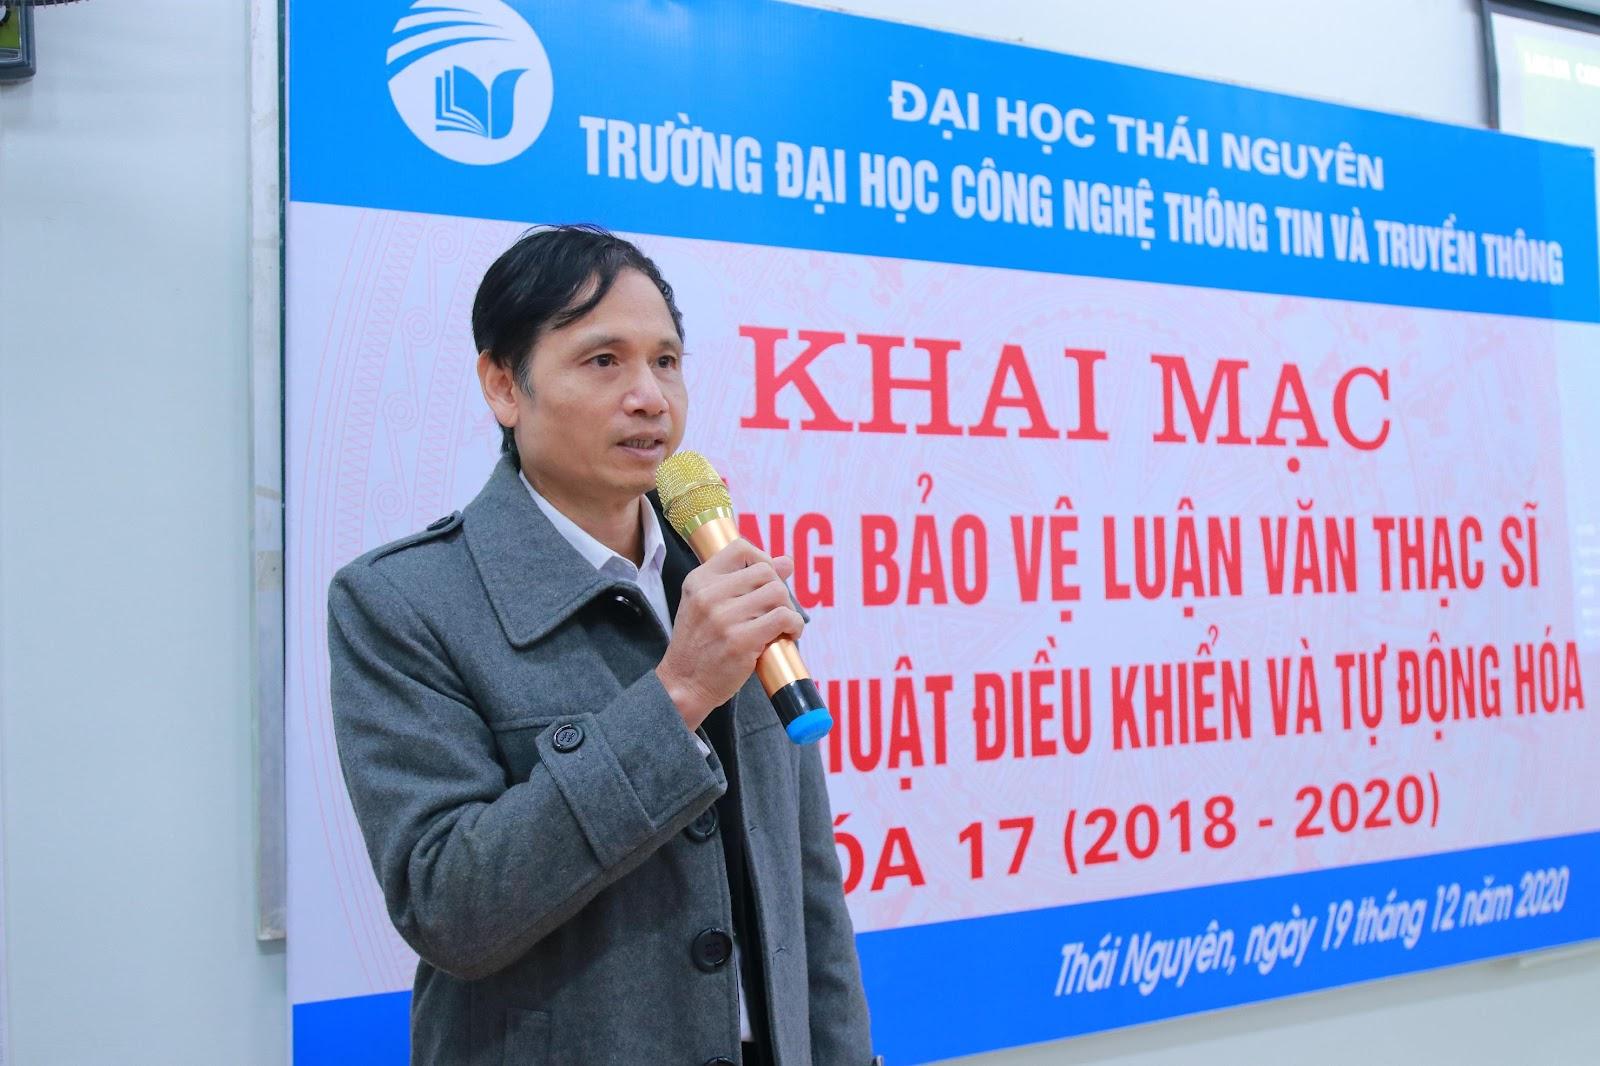 TS. Vũ Đức Thái – Phó Hiệu trưởng nhà trường phát biểu khai mạc